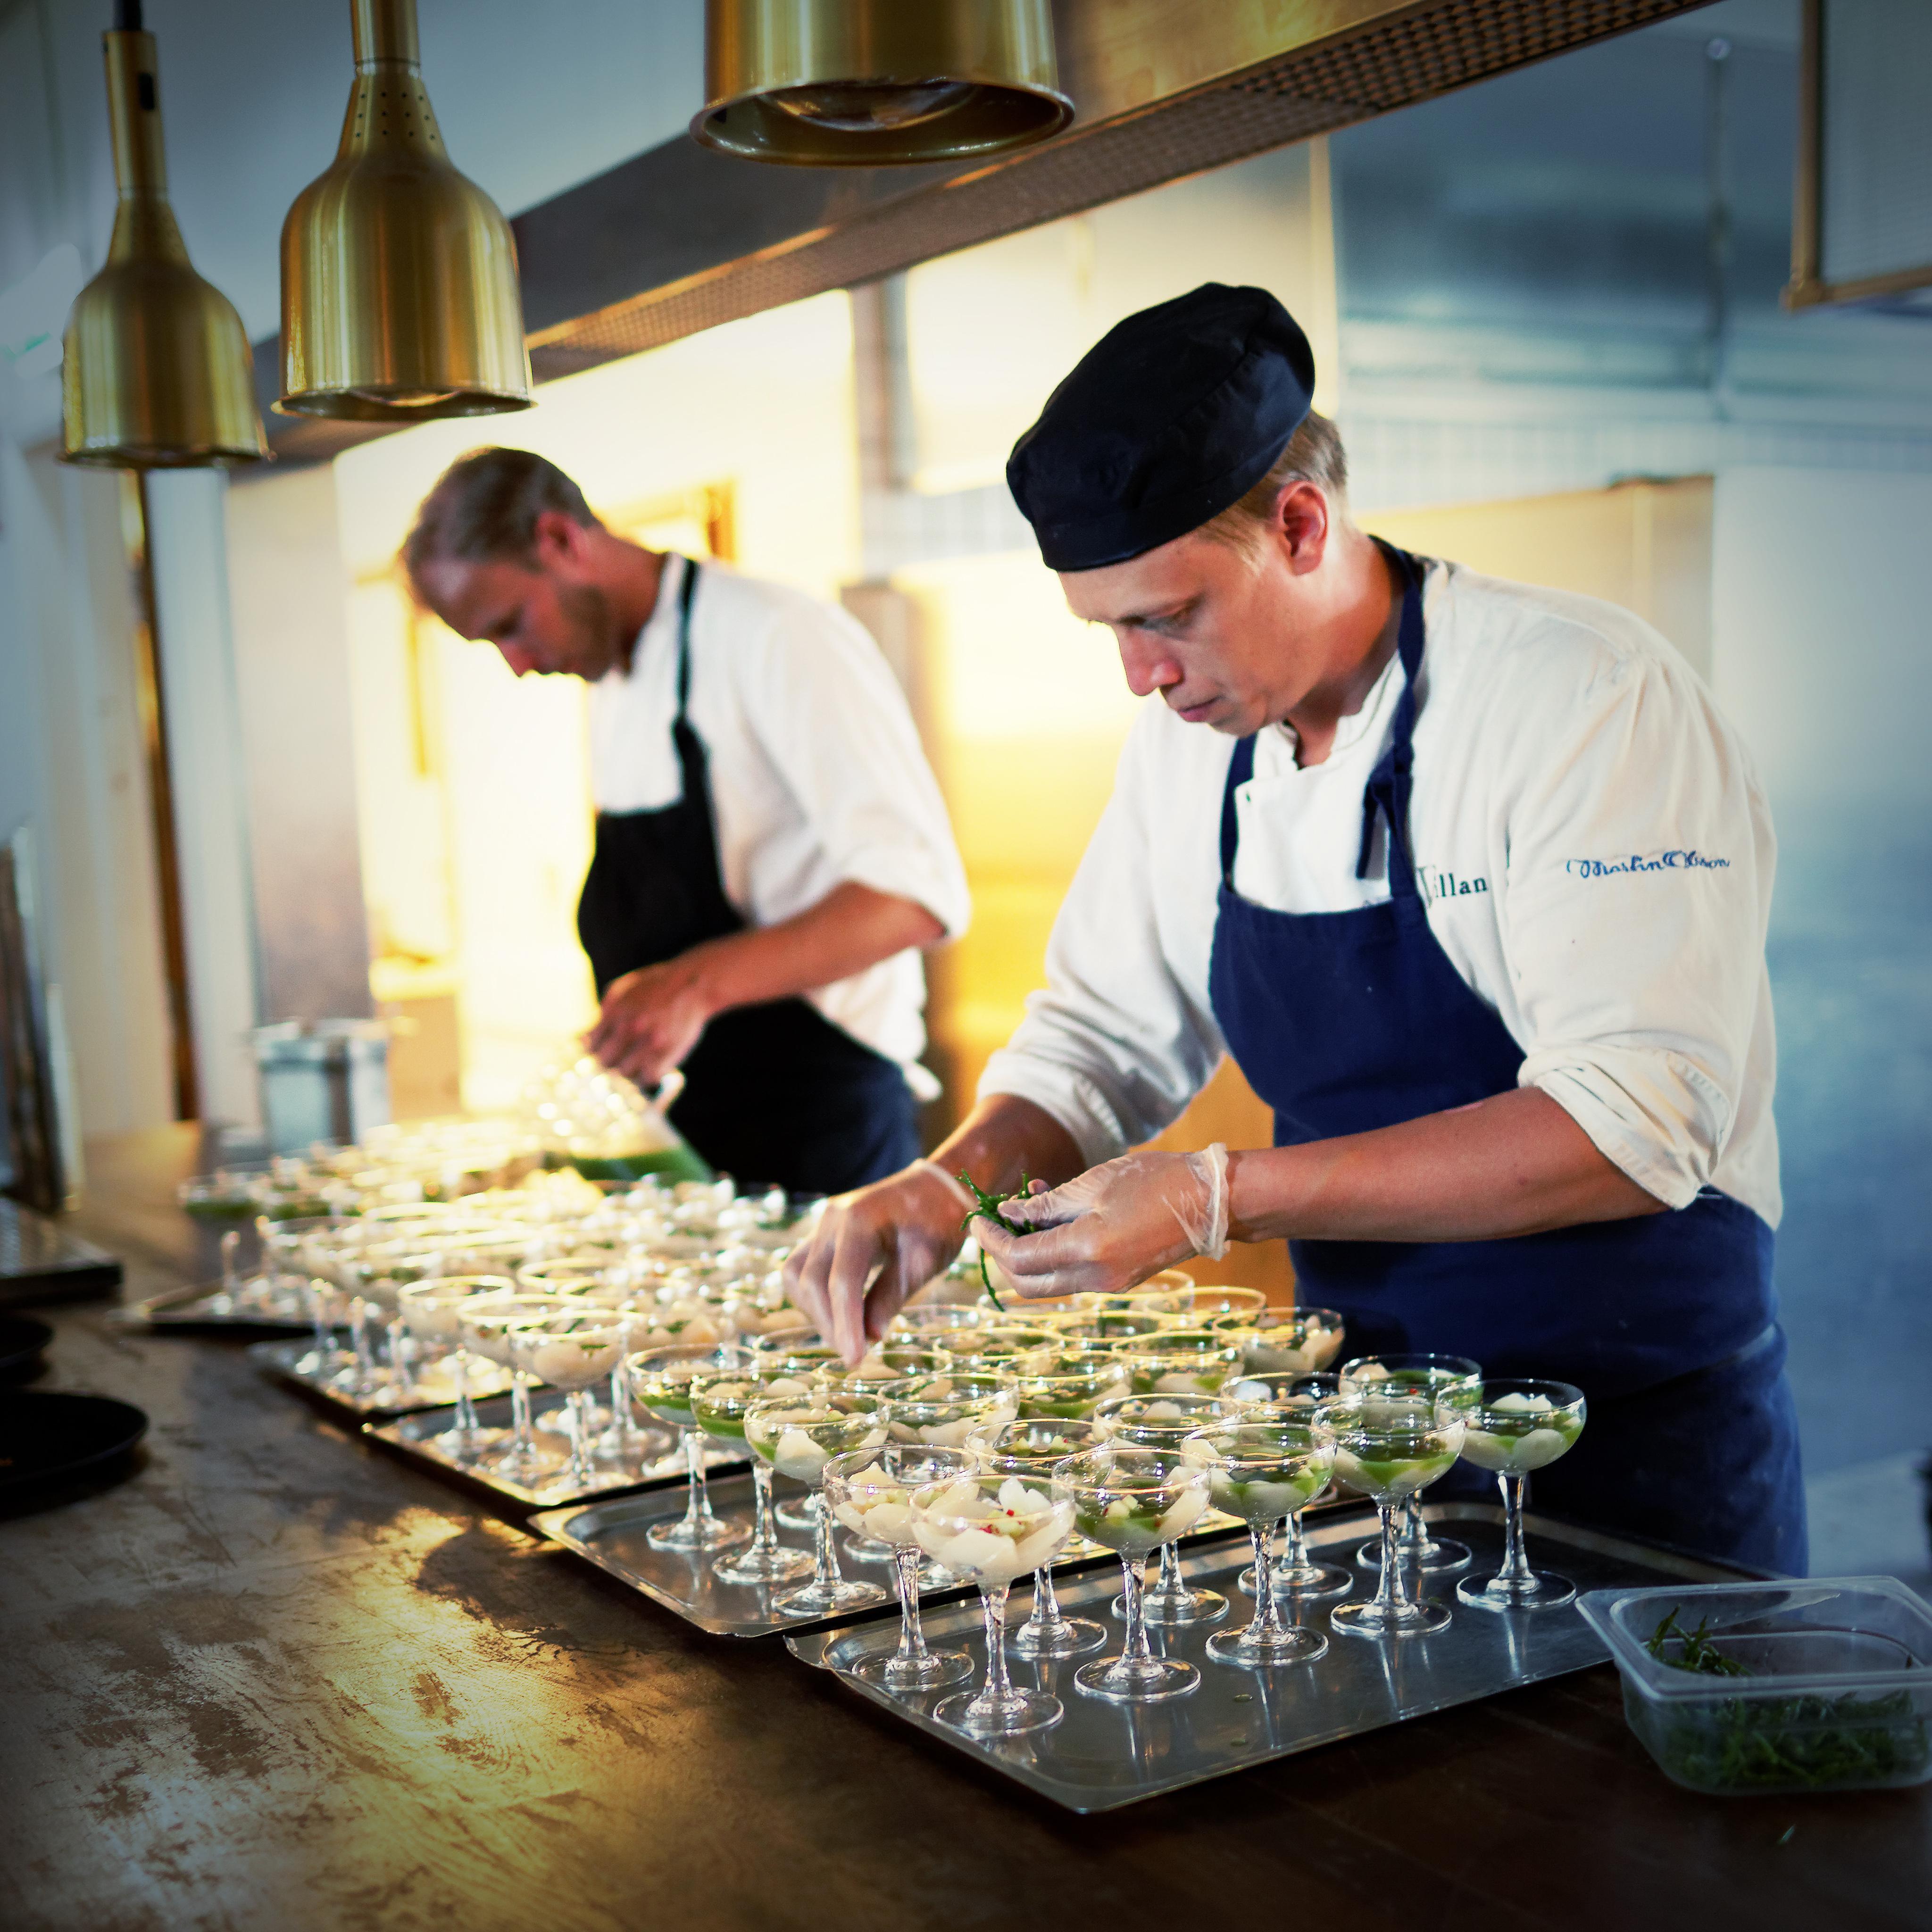 Bröllop - matlagning